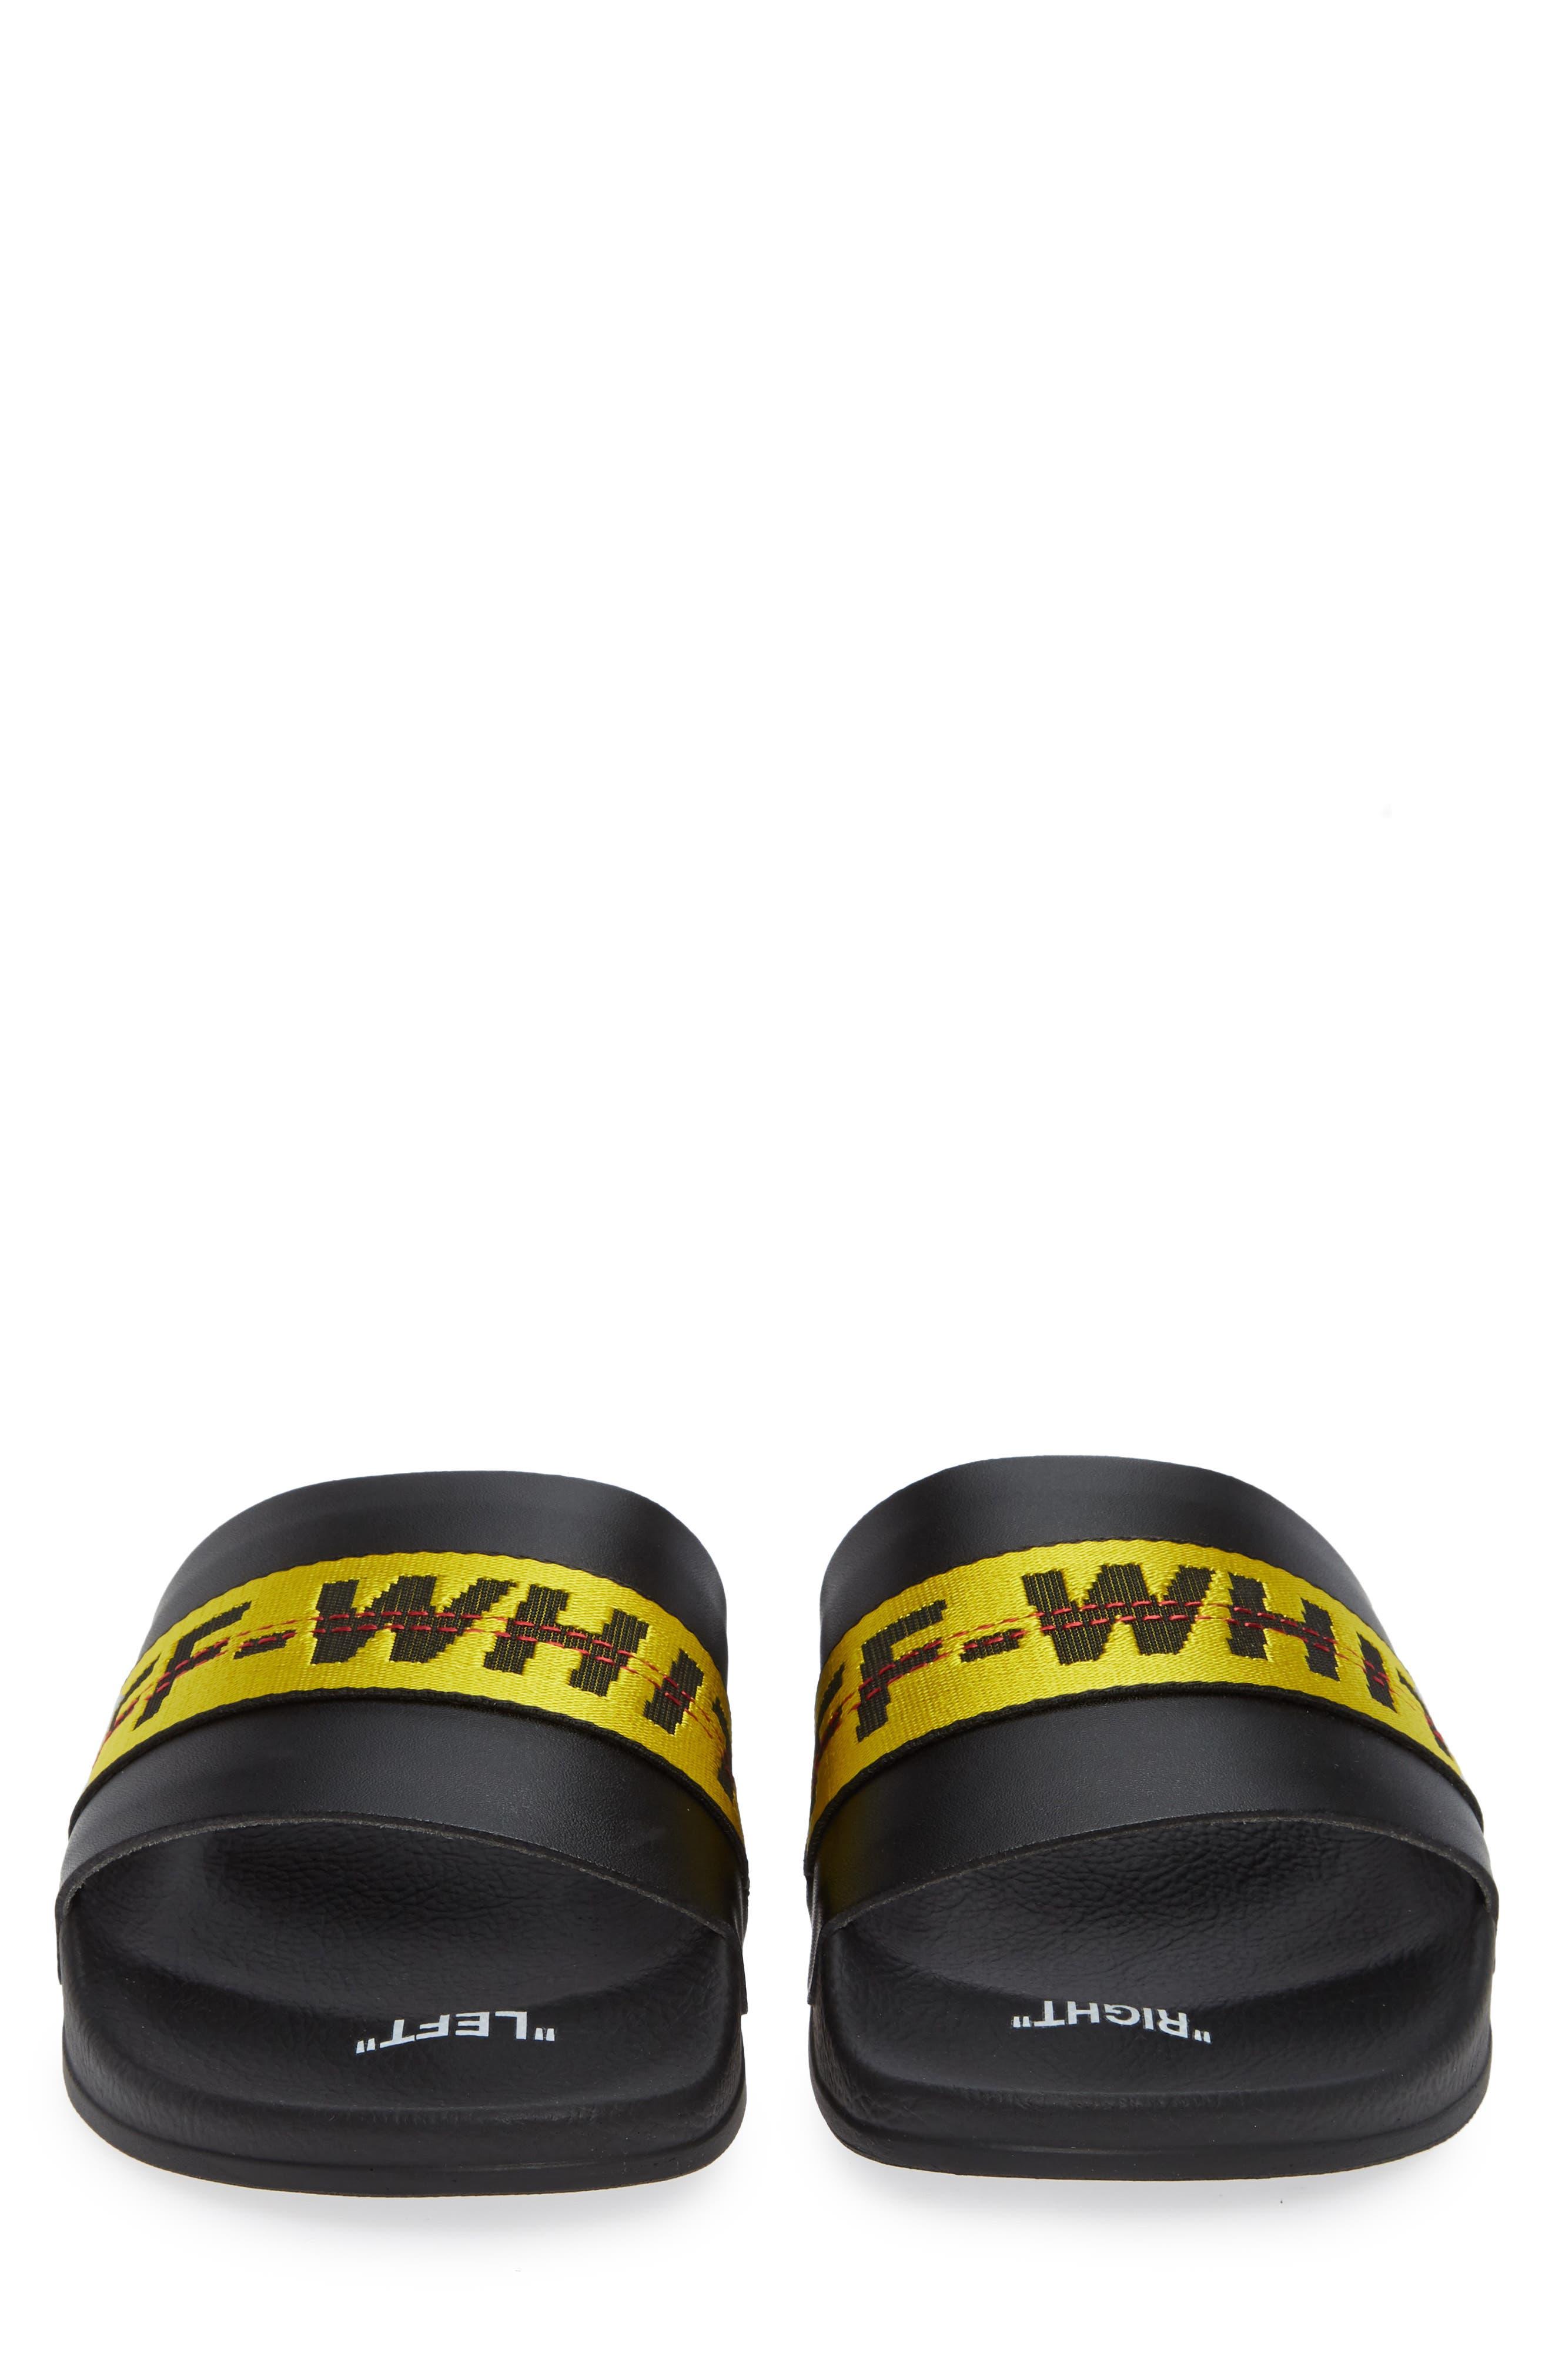 OFF-WHITE, Industrial Slide Sandal, Alternate thumbnail 4, color, 001